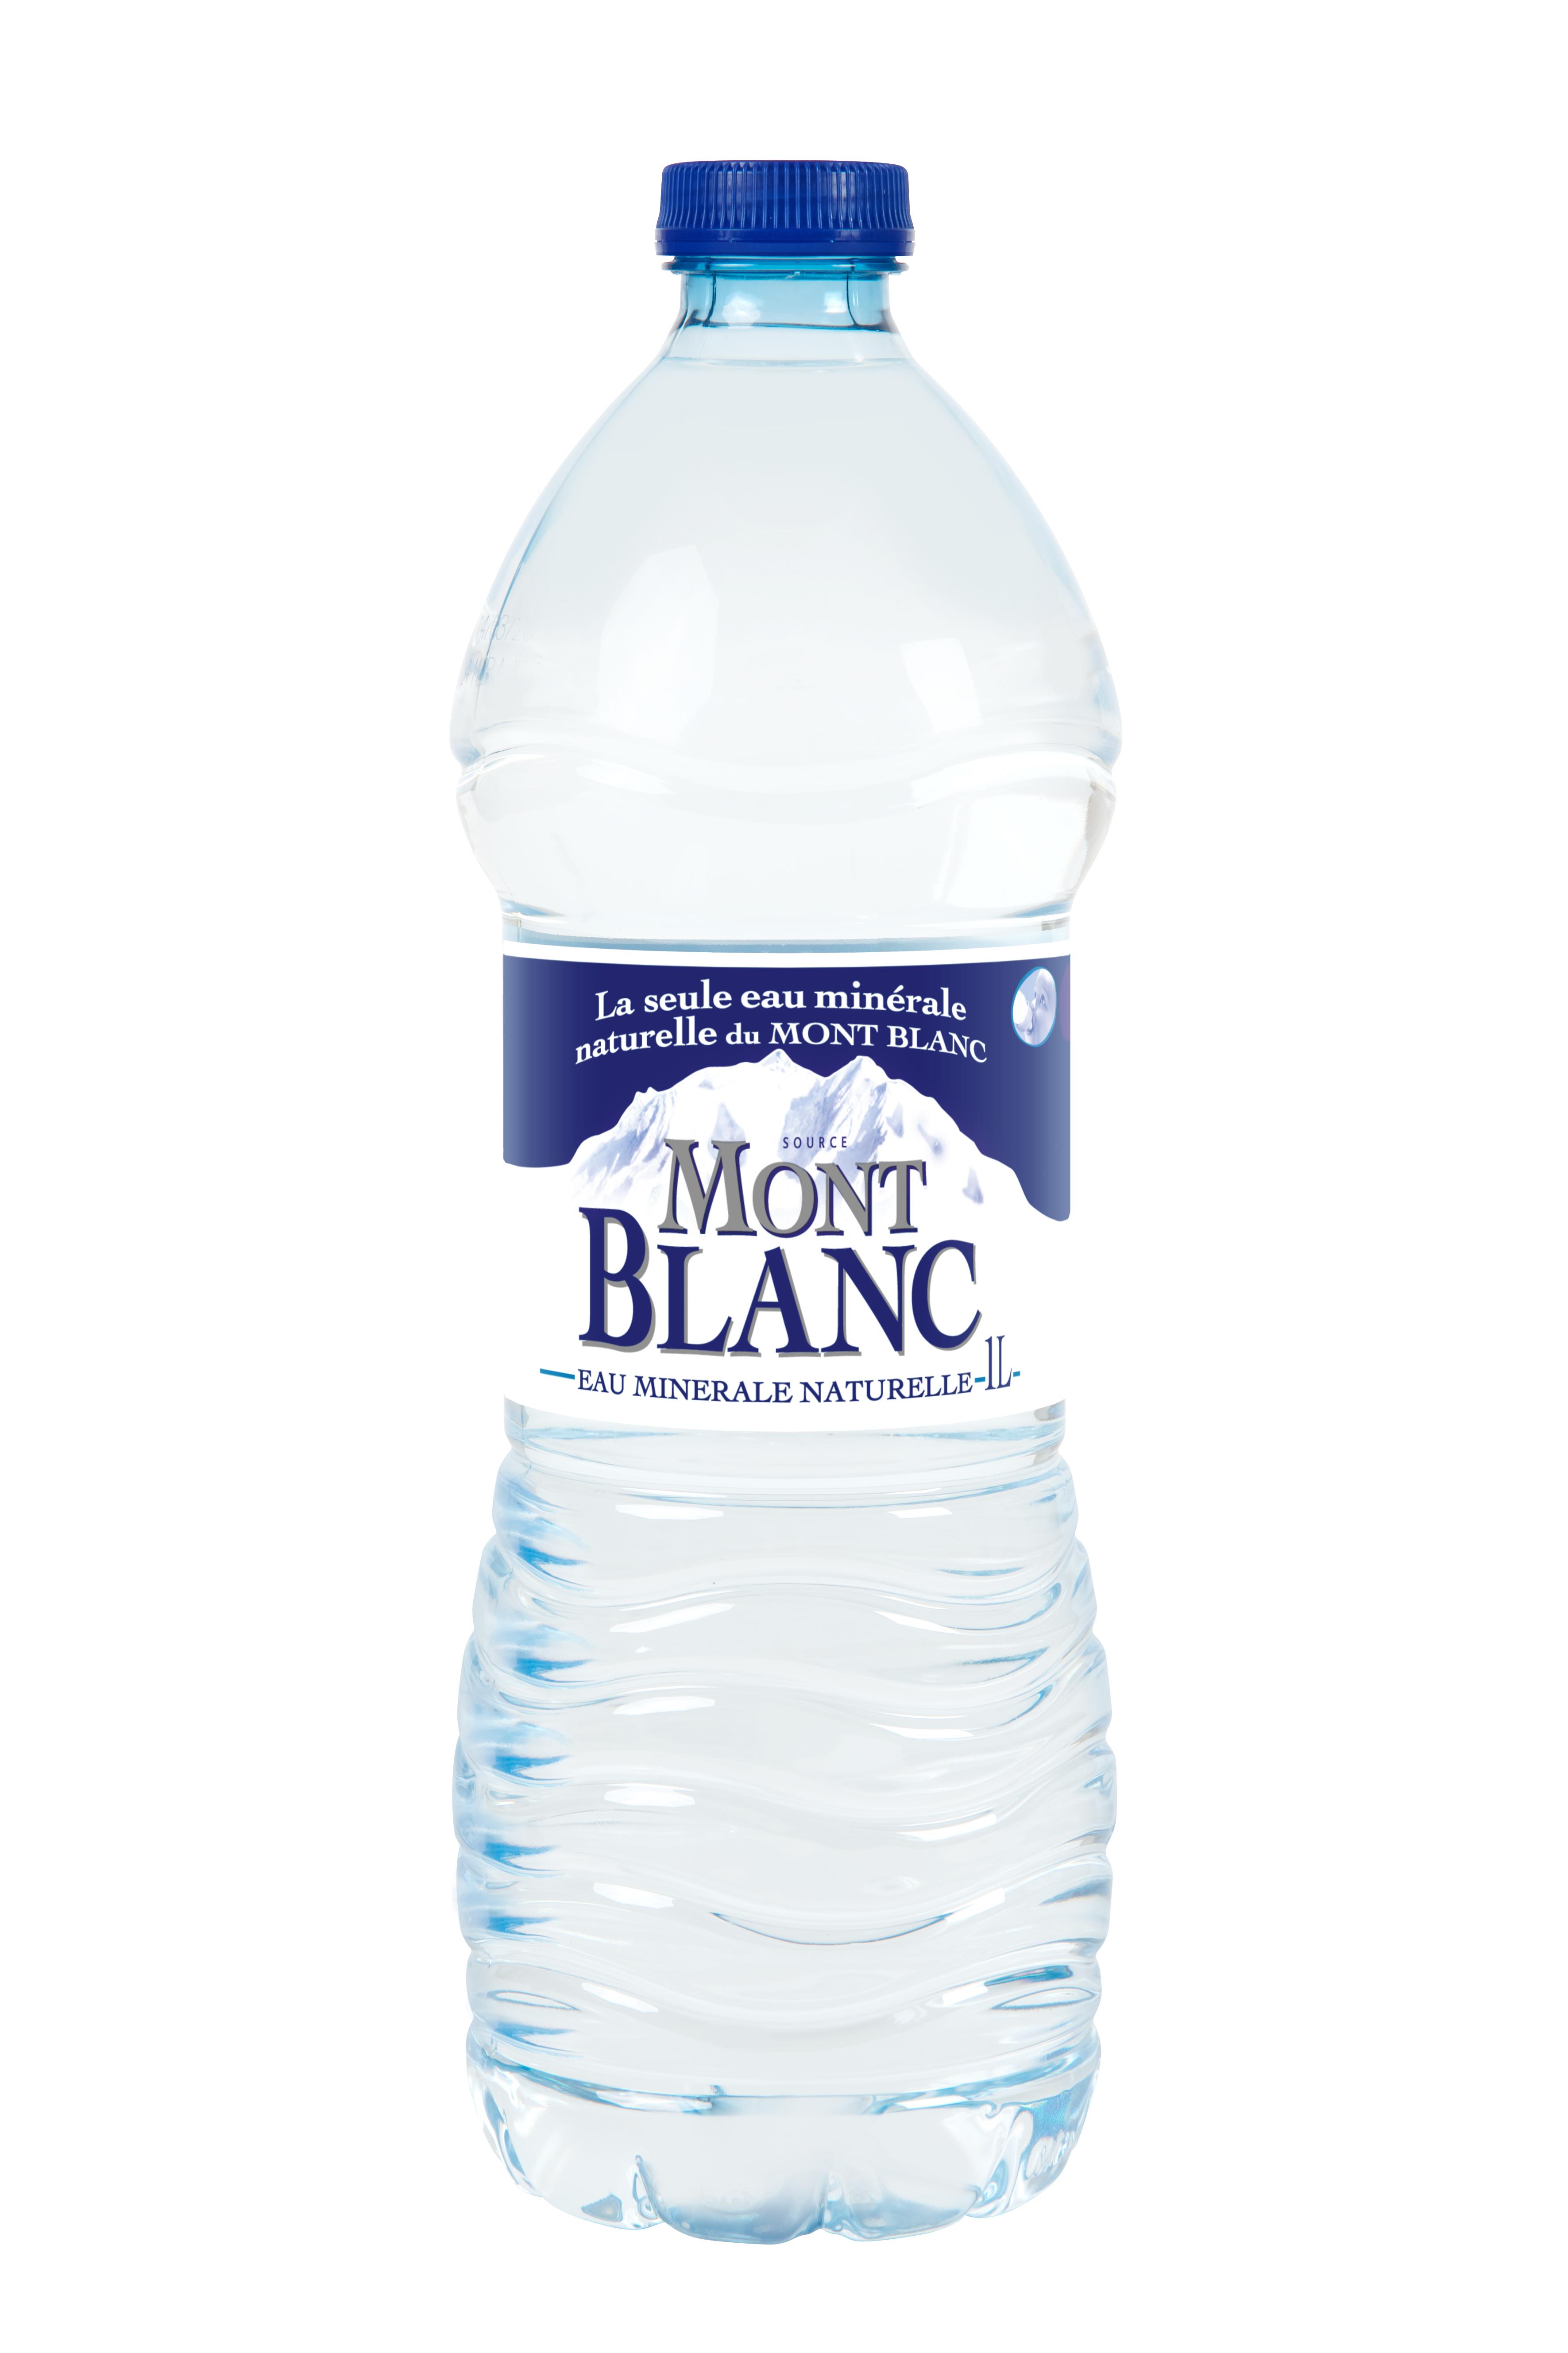 Eau minérale naturelle Mont Blanc,MONT BLANC,la bouteille d'1L